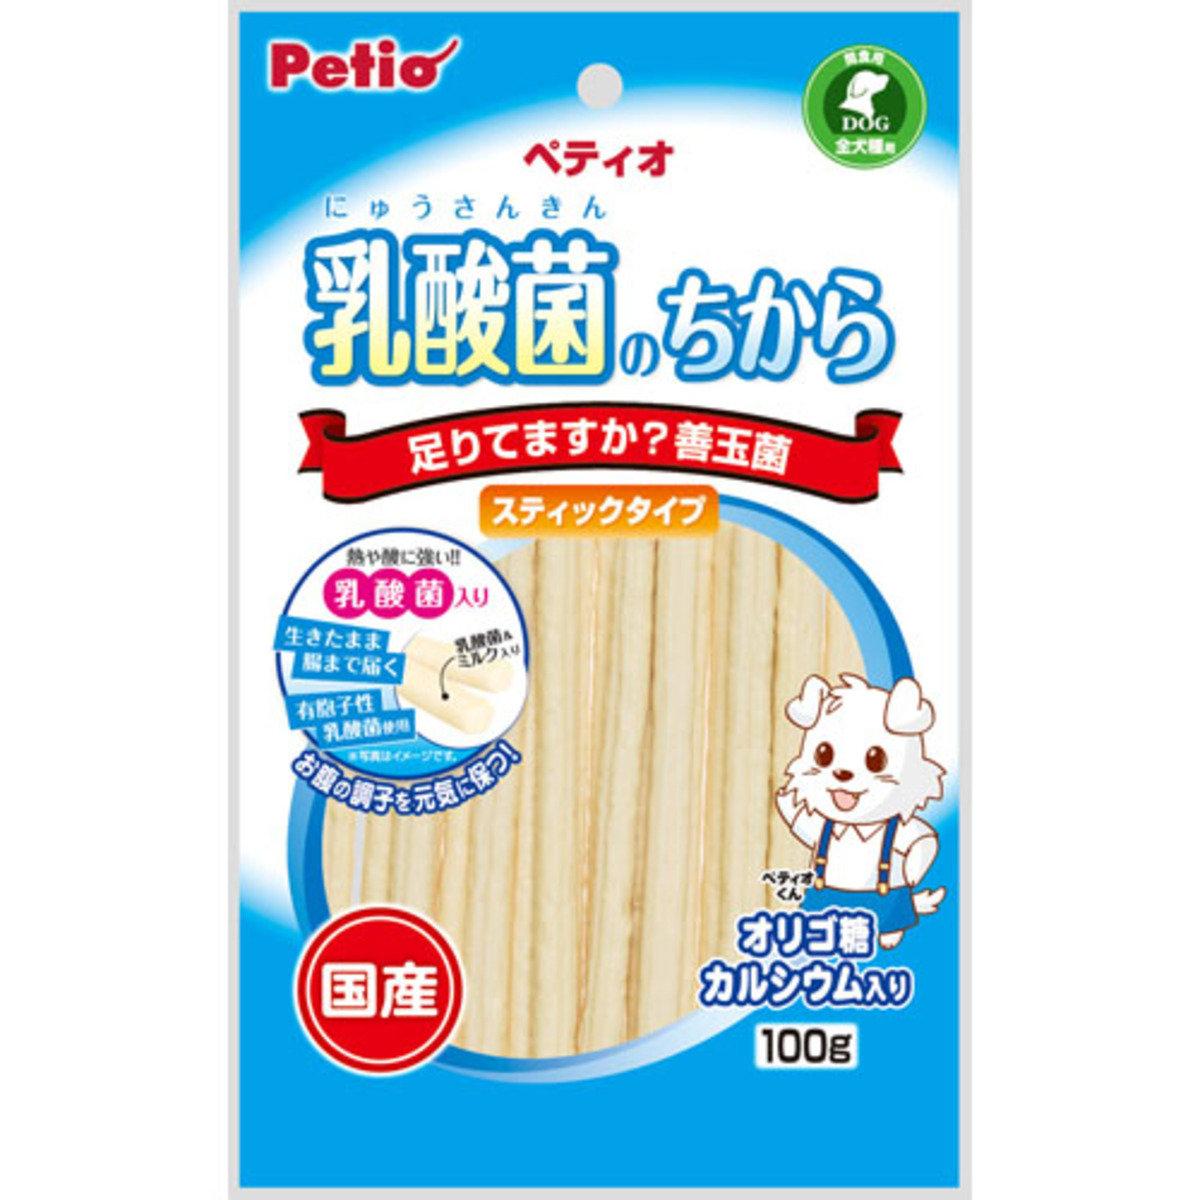 狗小食腸道健康.乳酸菌棒(W12581)